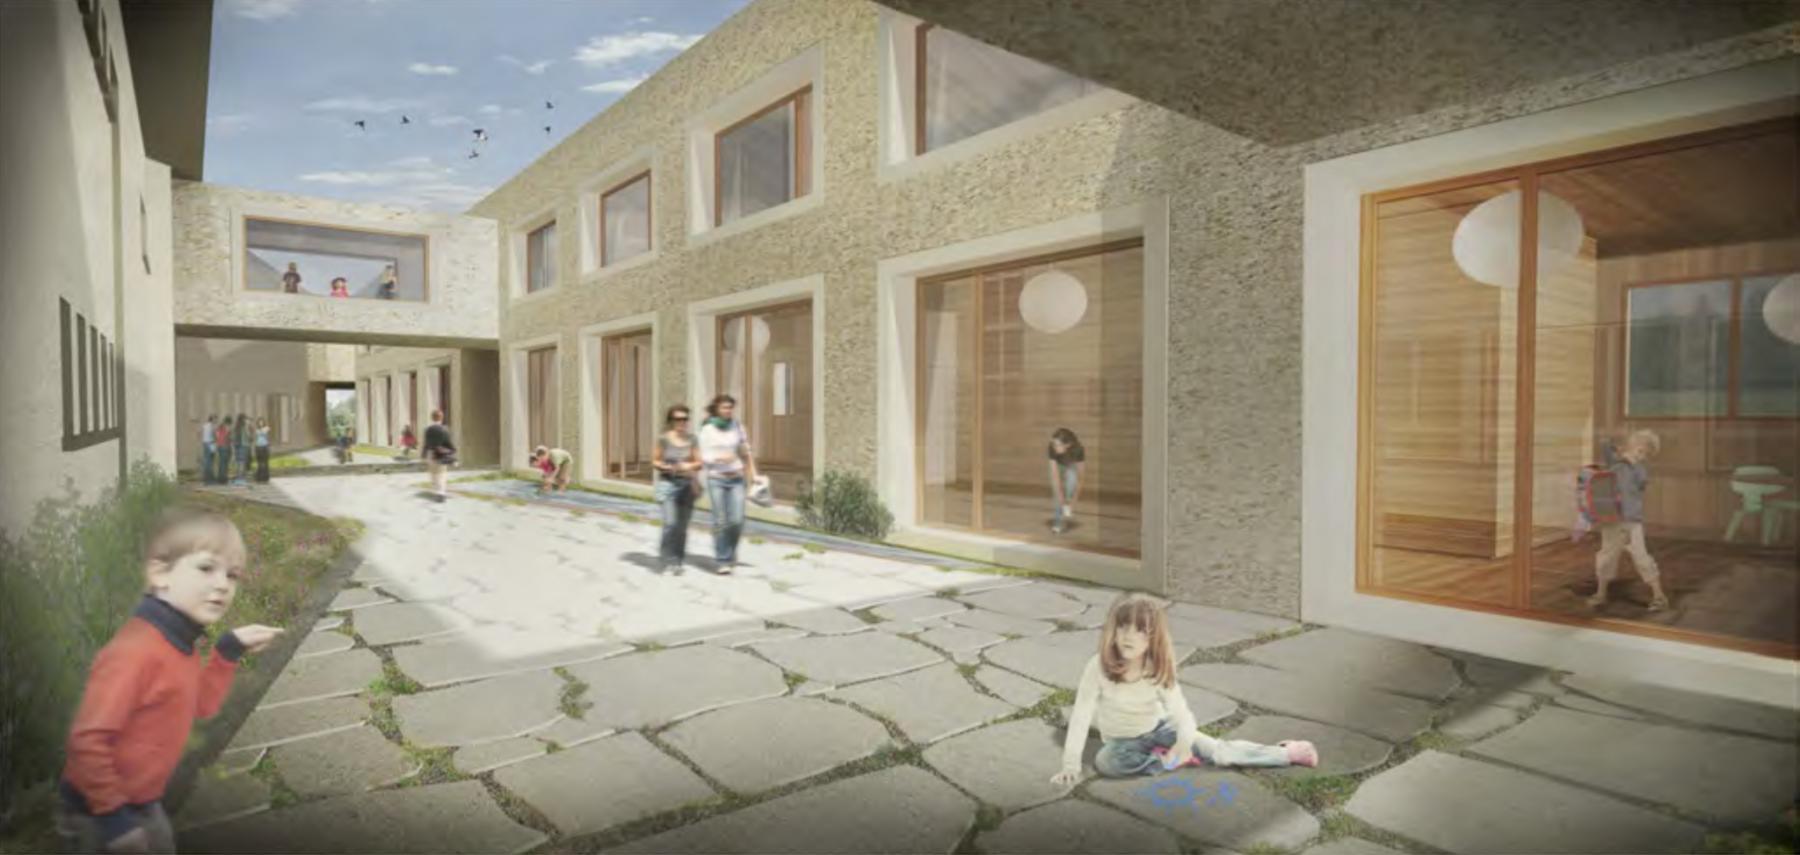 Projektwettbewerb Erweiterung Primarschule Evilard, Dolmus Architekten, Penny Lane